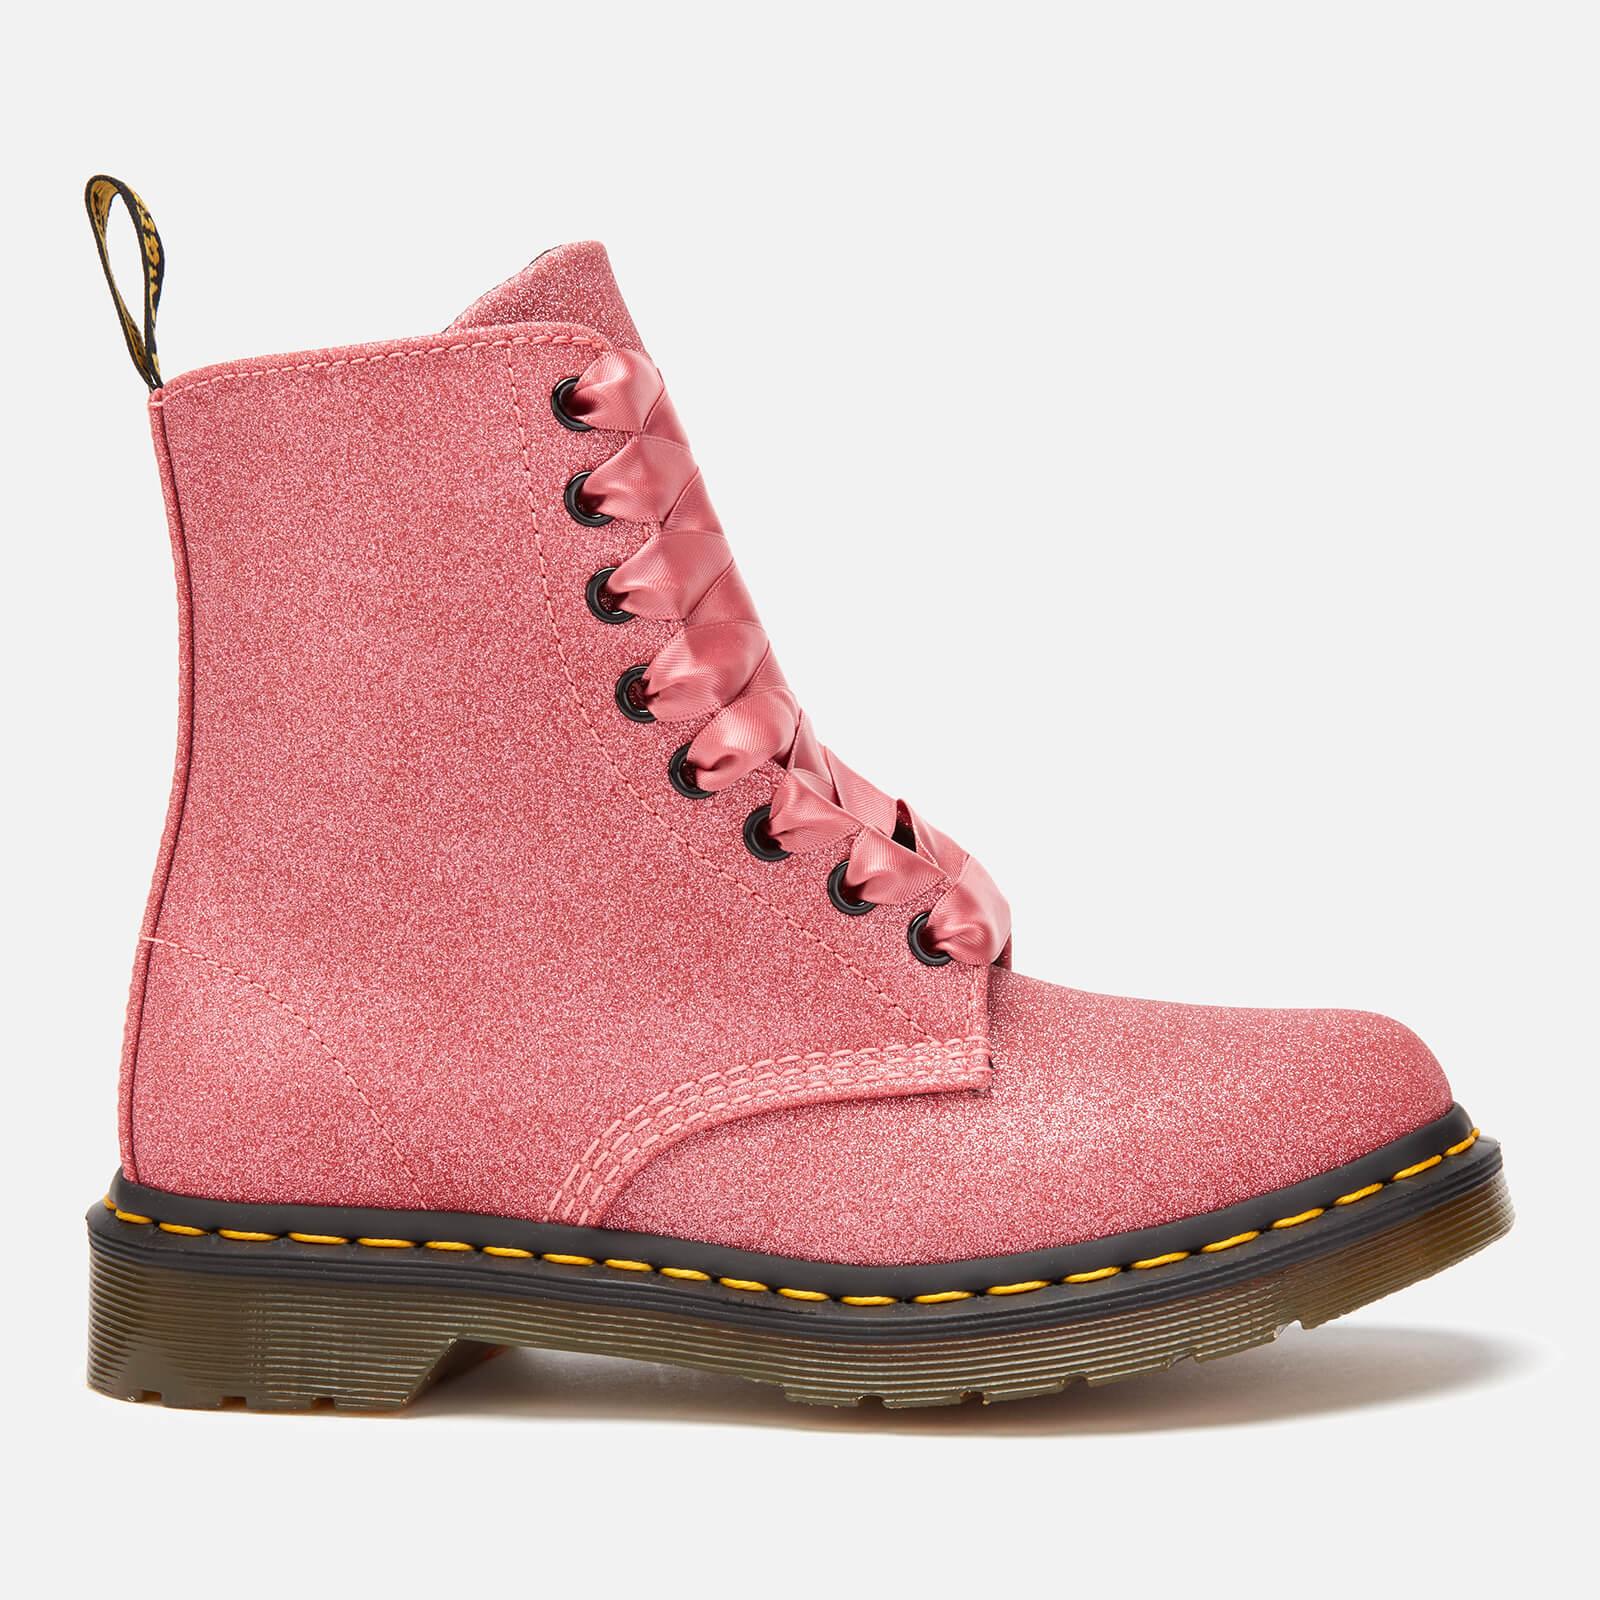 Dr. Martens Women's 1460 Pascal Glitter 8-Eye Boots - Pink - UK 4 - Pink